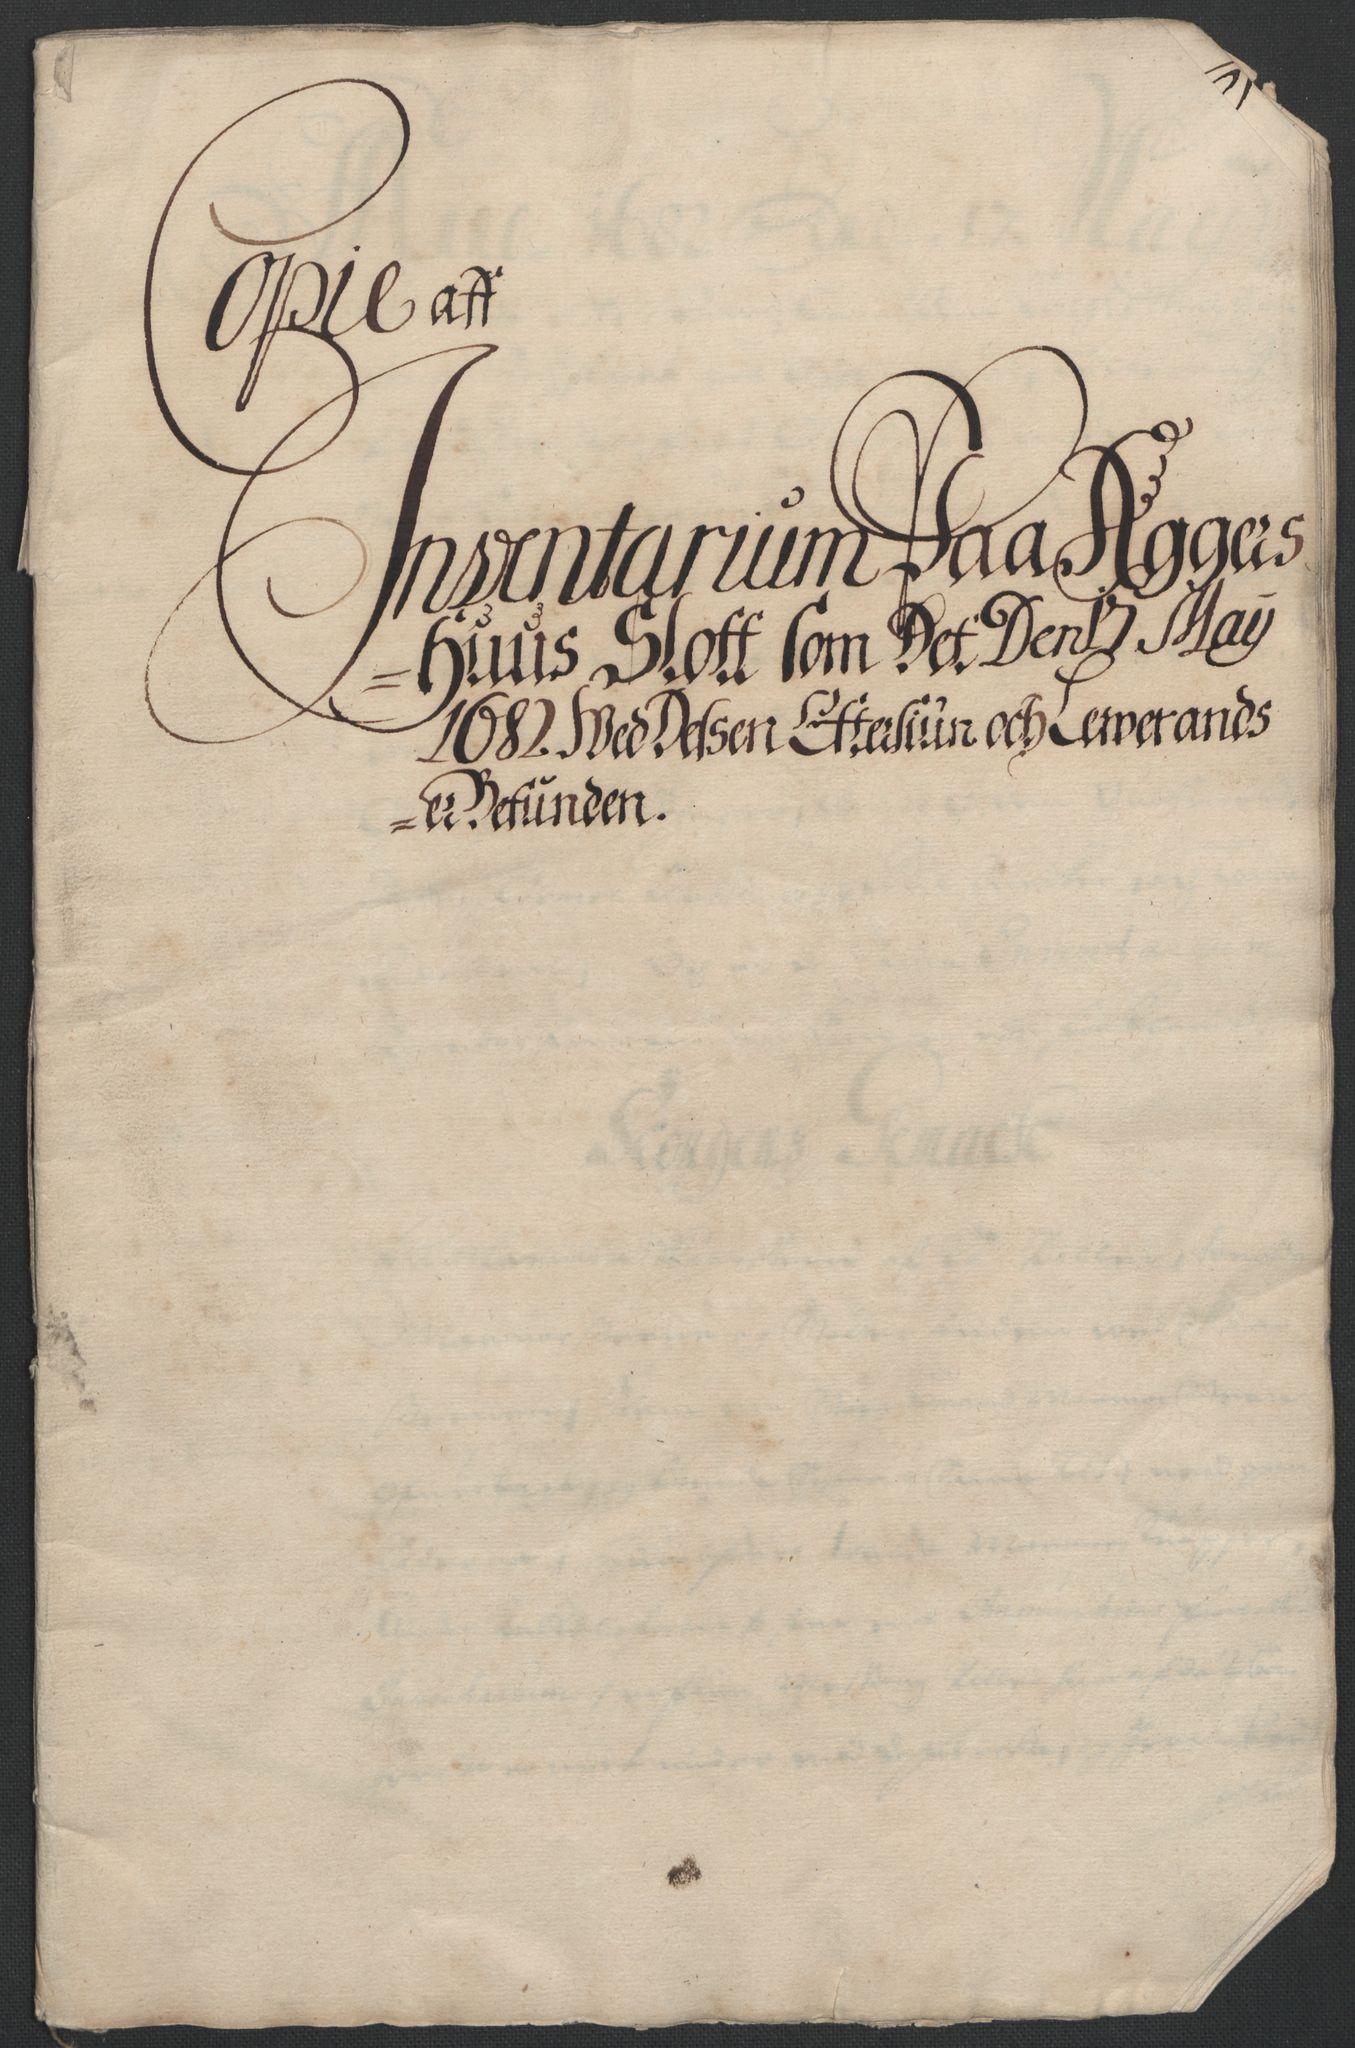 RA, Rentekammeret inntil 1814, Reviderte regnskaper, Fogderegnskap, R08/L0420: Fogderegnskap Aker, 1682-1691, s. 190